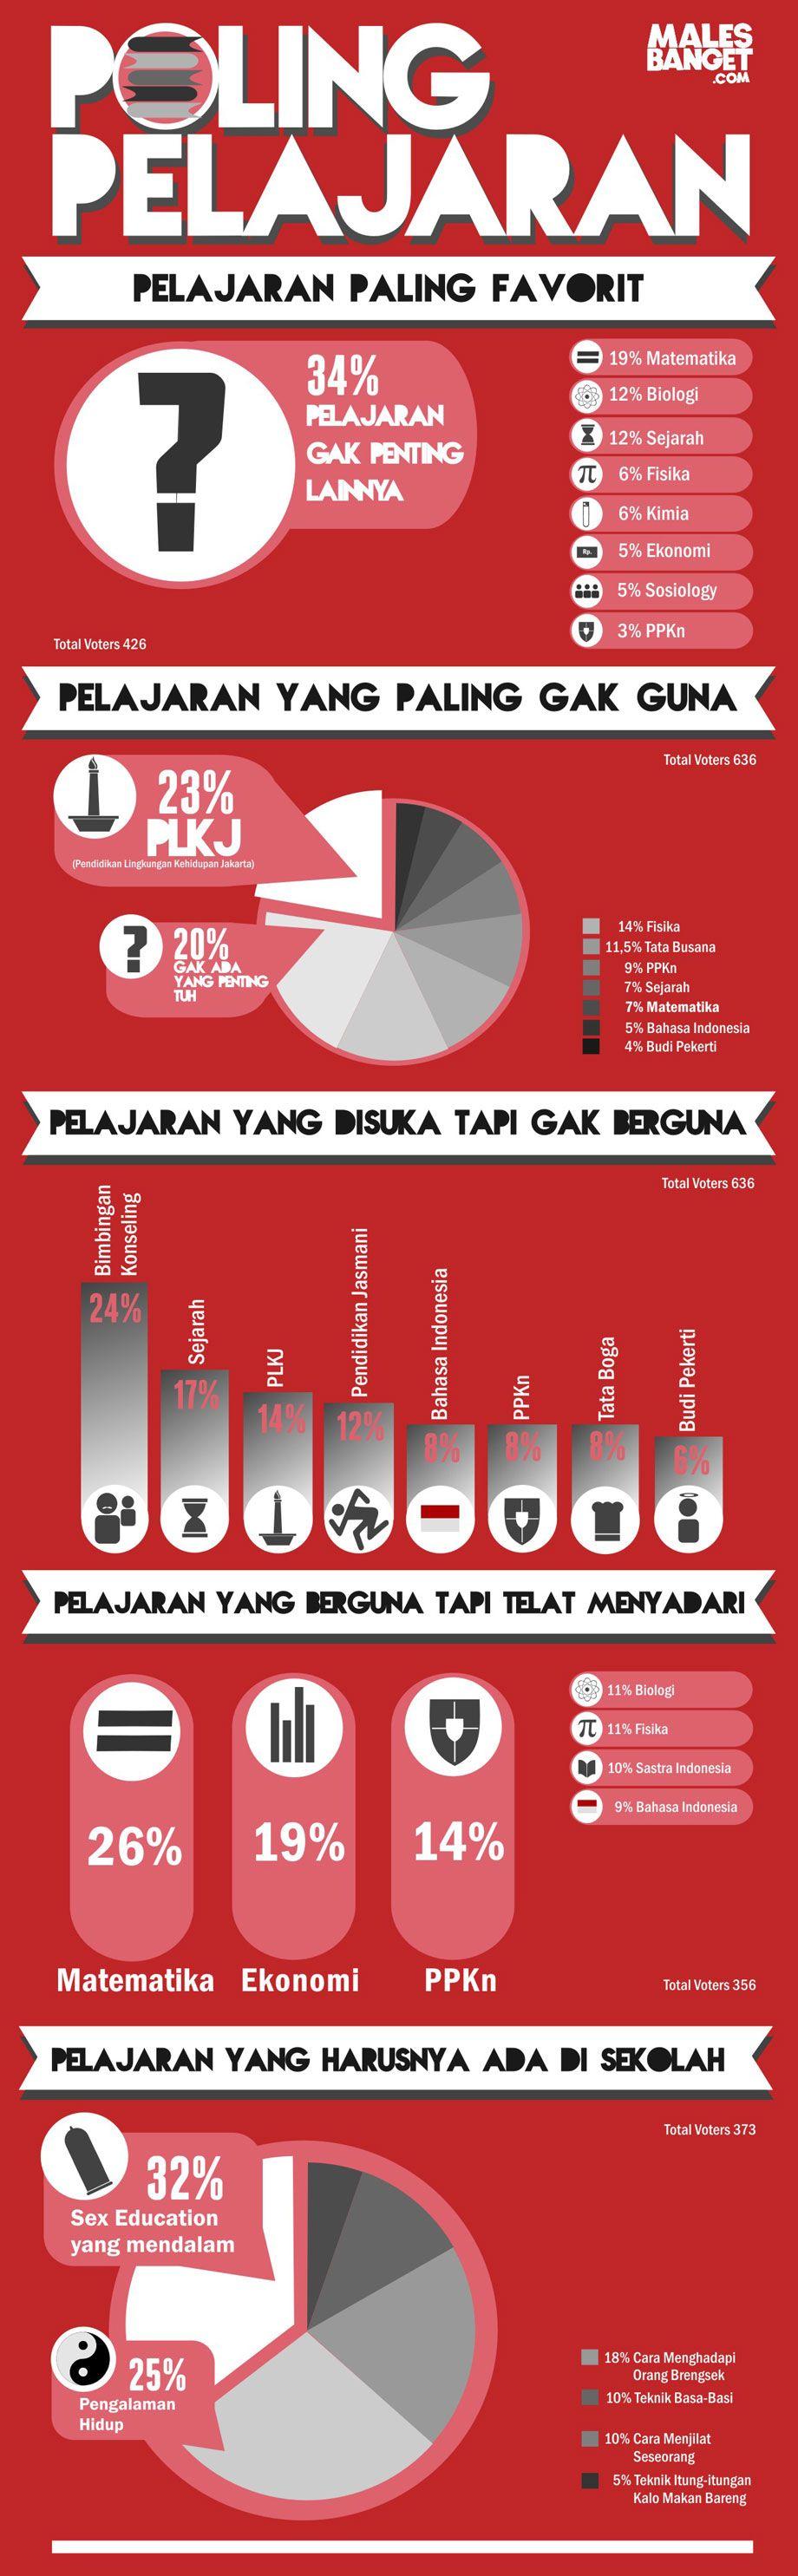 [Infographic] Pelajaran Sekolah Sekolah, Lucu, Tips mengajar